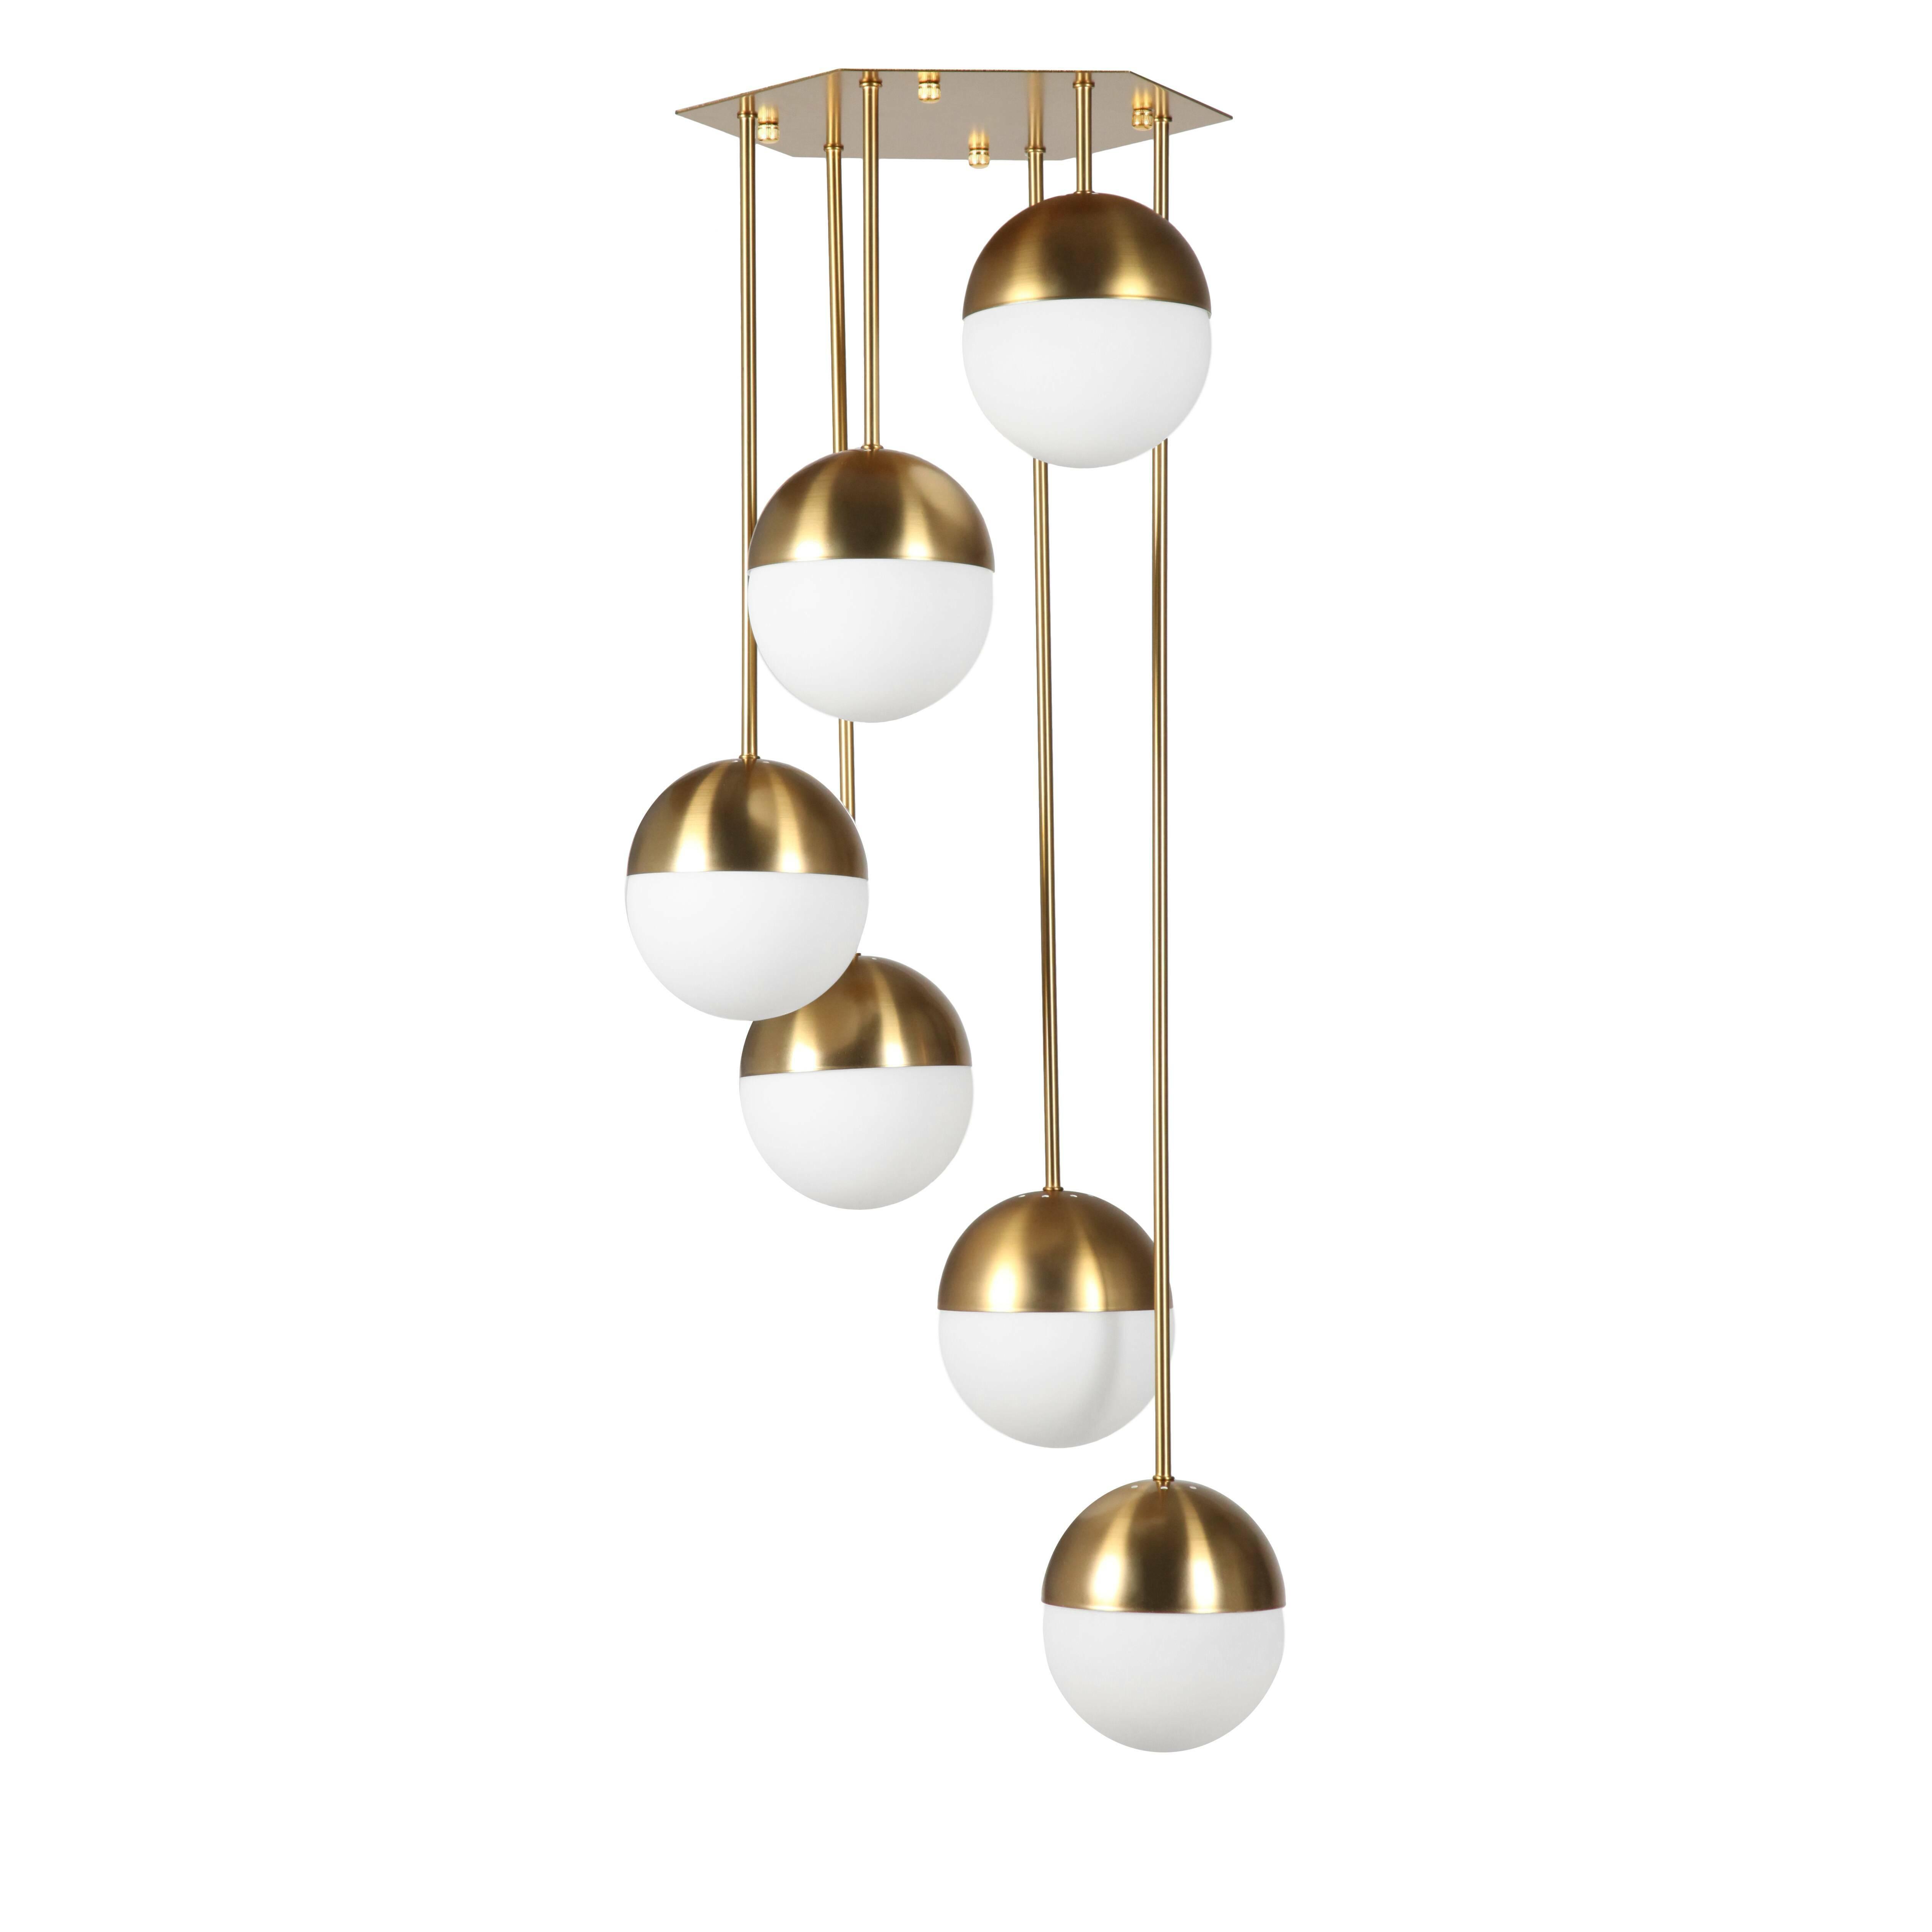 Потолочный светильник Italian Globe Cascading 6 лампПотолочные<br>Потолочный светильник Italian Globe Cascading 6 ламп — это светильник-игрушка, светильник-праздник, который будет приятно радовать глаз и дарить свет и уют вашему дому. Этот великолепный предмет интерьера — яркий пример итальянского дизайна. Созданный в солнечной Италии в шестидесятых годах прошлого столетия, этот светильник мгновенно завоевал сердца покупателей; с момента создания он постоянно производится в разных модификациях.<br><br><br> Потолочный светильник Italian Globe Cascading 6 ламп —...<br><br>stock: 1<br>Высота: 100<br>Диаметр: 36<br>Длина провода: 100<br>Количество ламп: 6<br>Материал абажура: Стекло<br>Материал арматуры: Сталь<br>Мощность лампы: 60<br>Ламп в комплекте: Нет<br>Напряжение: 220-240<br>Тип лампы/цоколь: E14<br>Цвет абажура: Белый матовый<br>Цвет арматуры: Латунь<br>Цвет провода: Черный